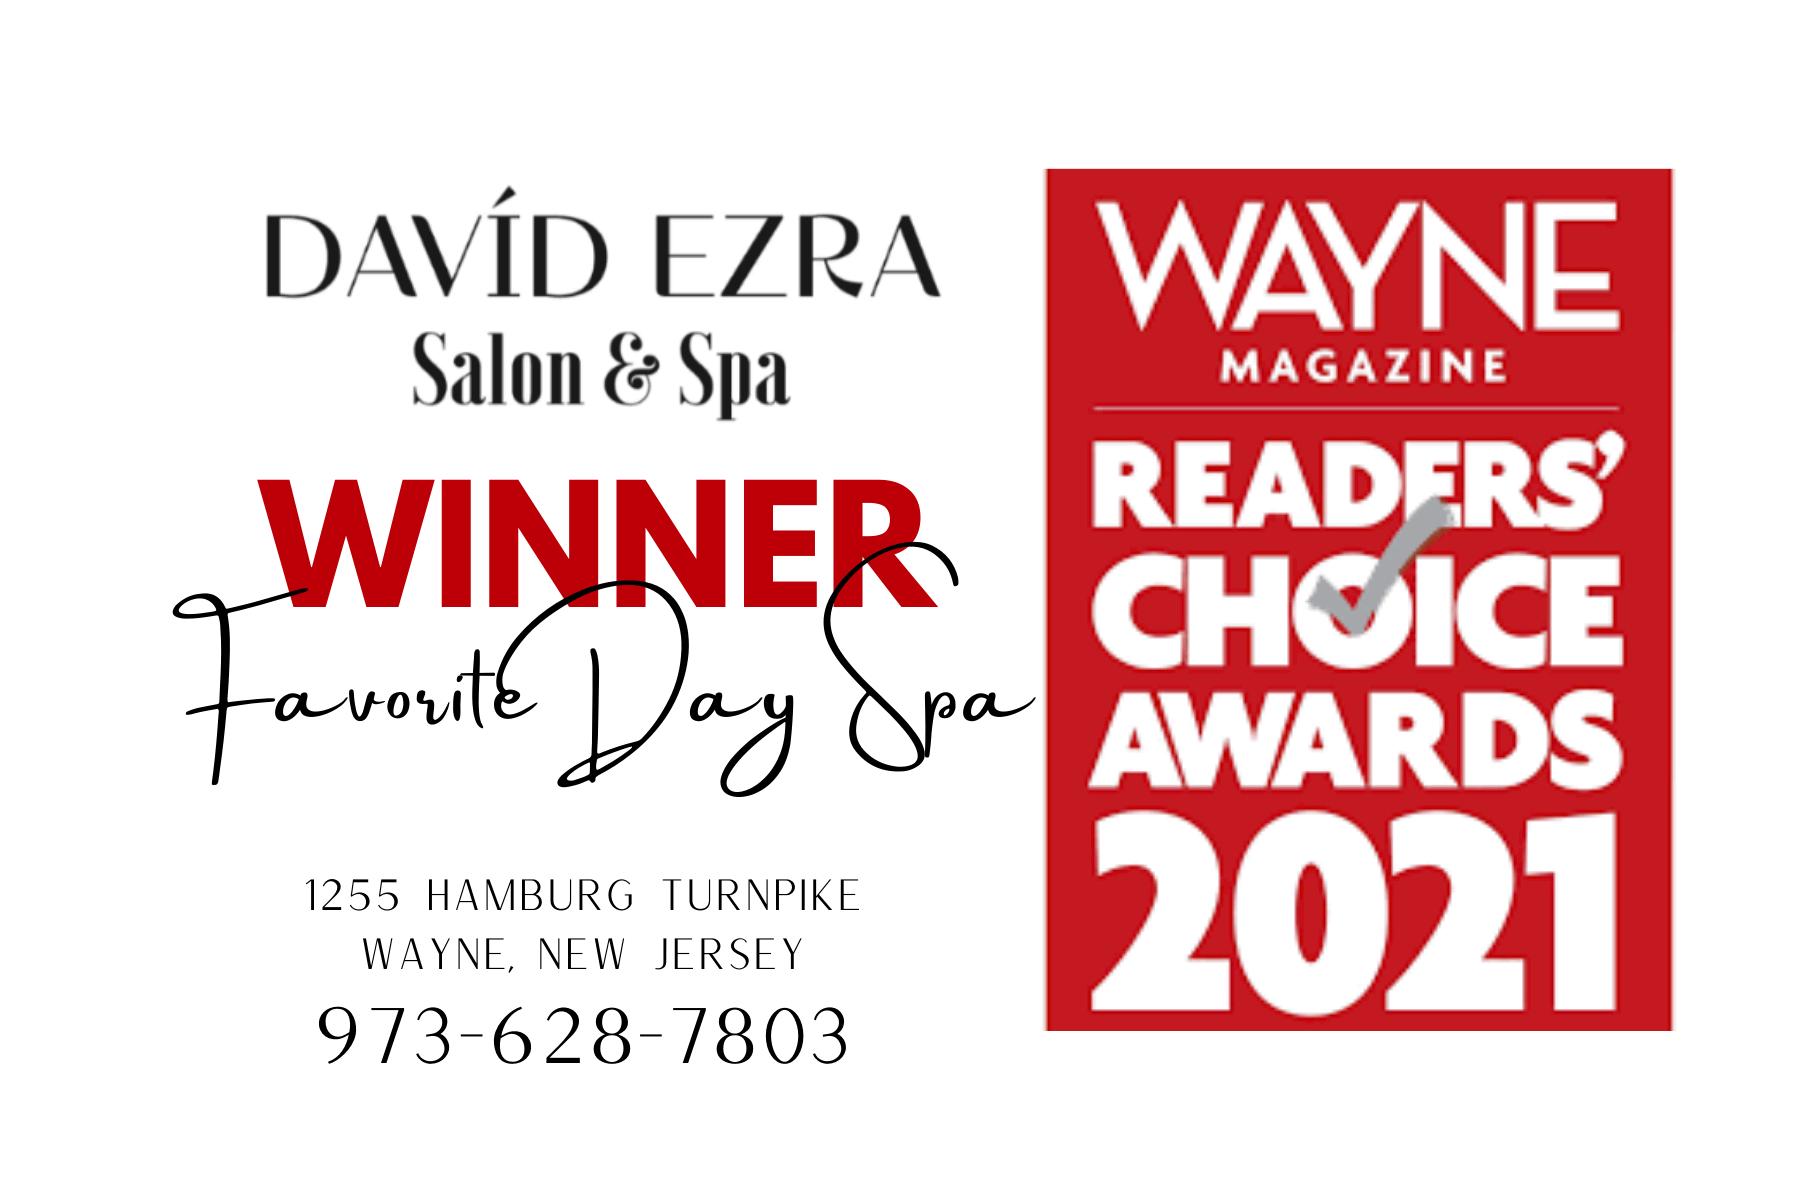 David Ezra Salon & Spa